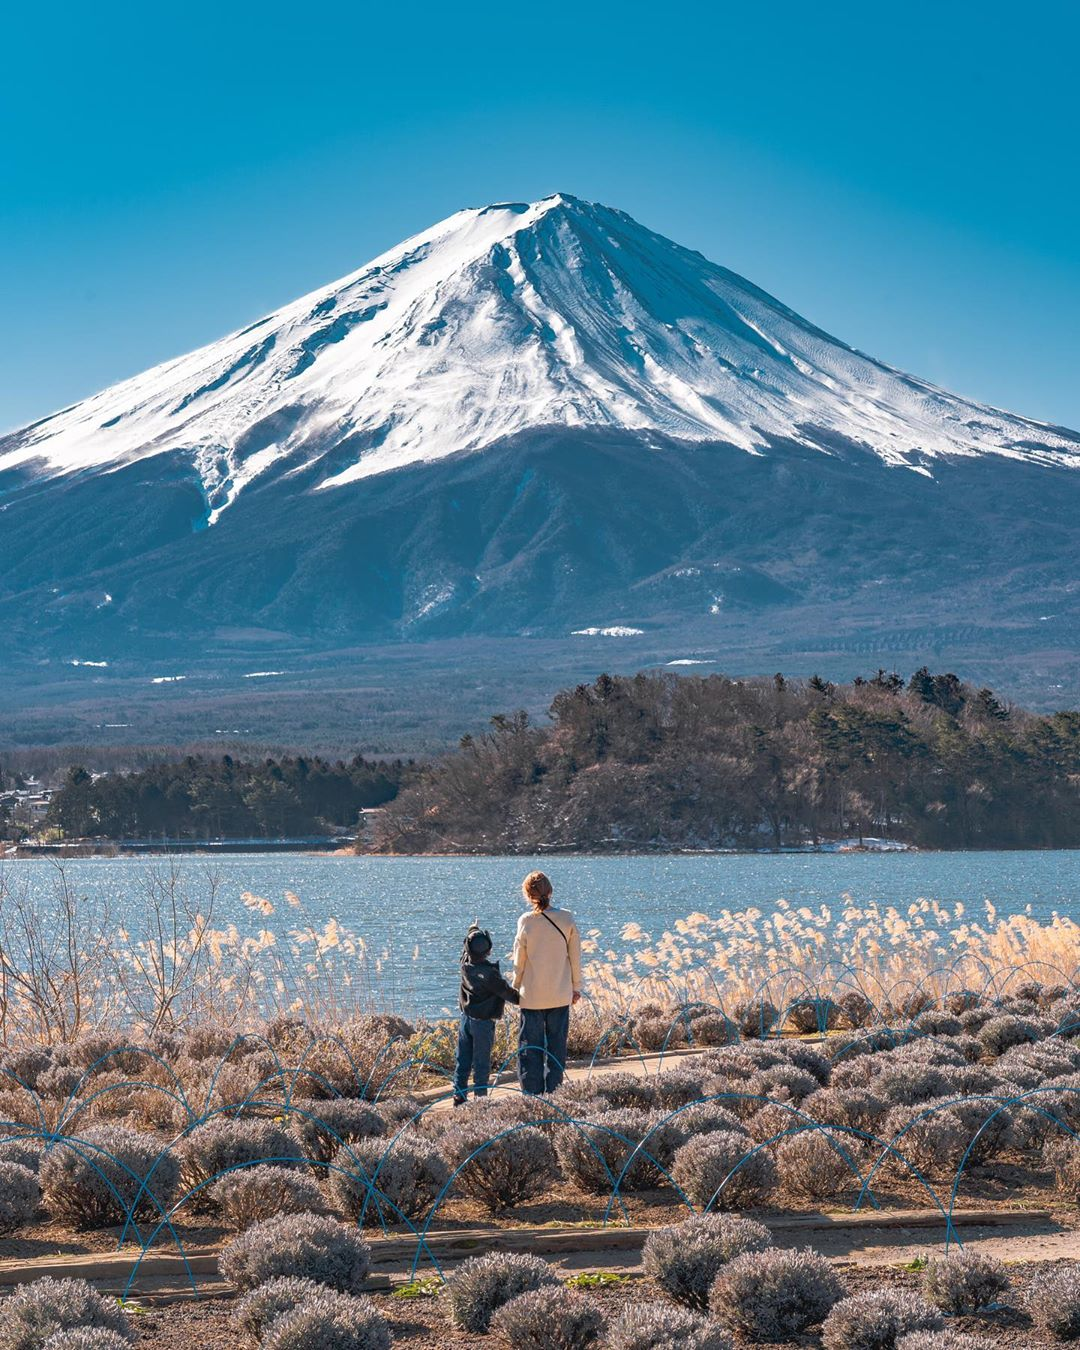 """Có một nước Nhật đẹp đến nao lòng qua ống kính của ông bố trẻ """"mê"""" chụp ảnh vợ và con trai, ai xem xong cũng """"tan chảy"""" - Ảnh 18."""